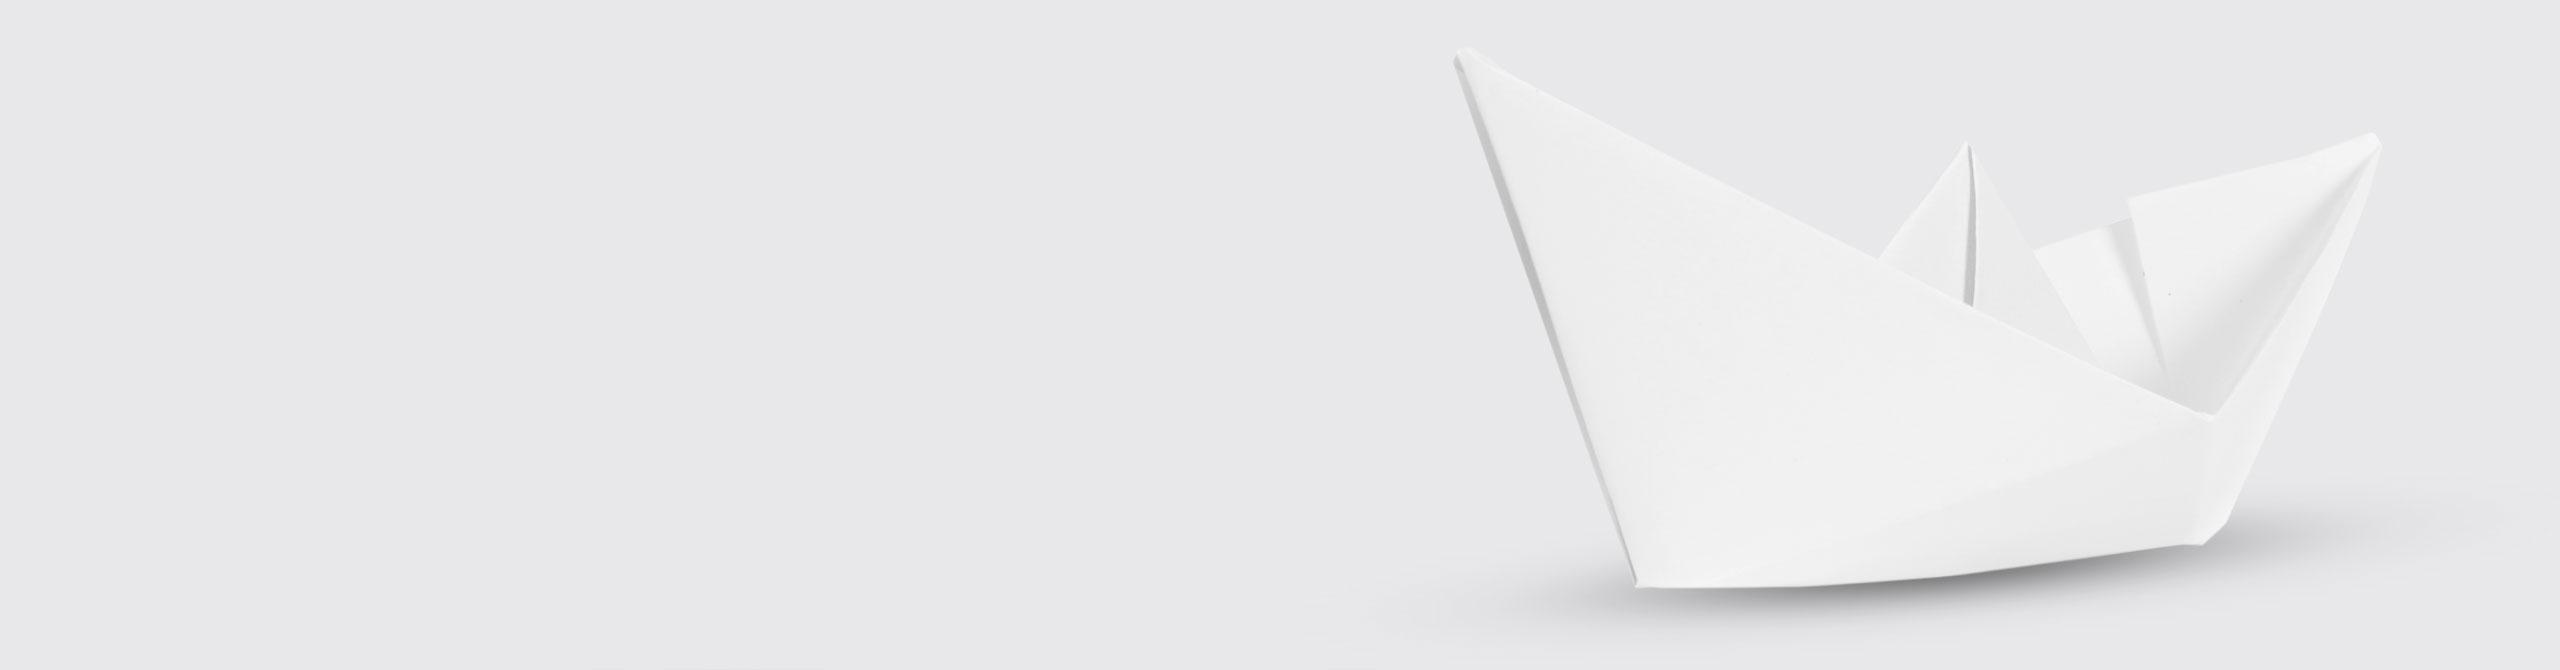 Origami-Boot | Stellenausschreibungen der Praxis für Gastroenterologie und Kardiologie in Bayreuth Dr. Rösler und Dr. Lachmann